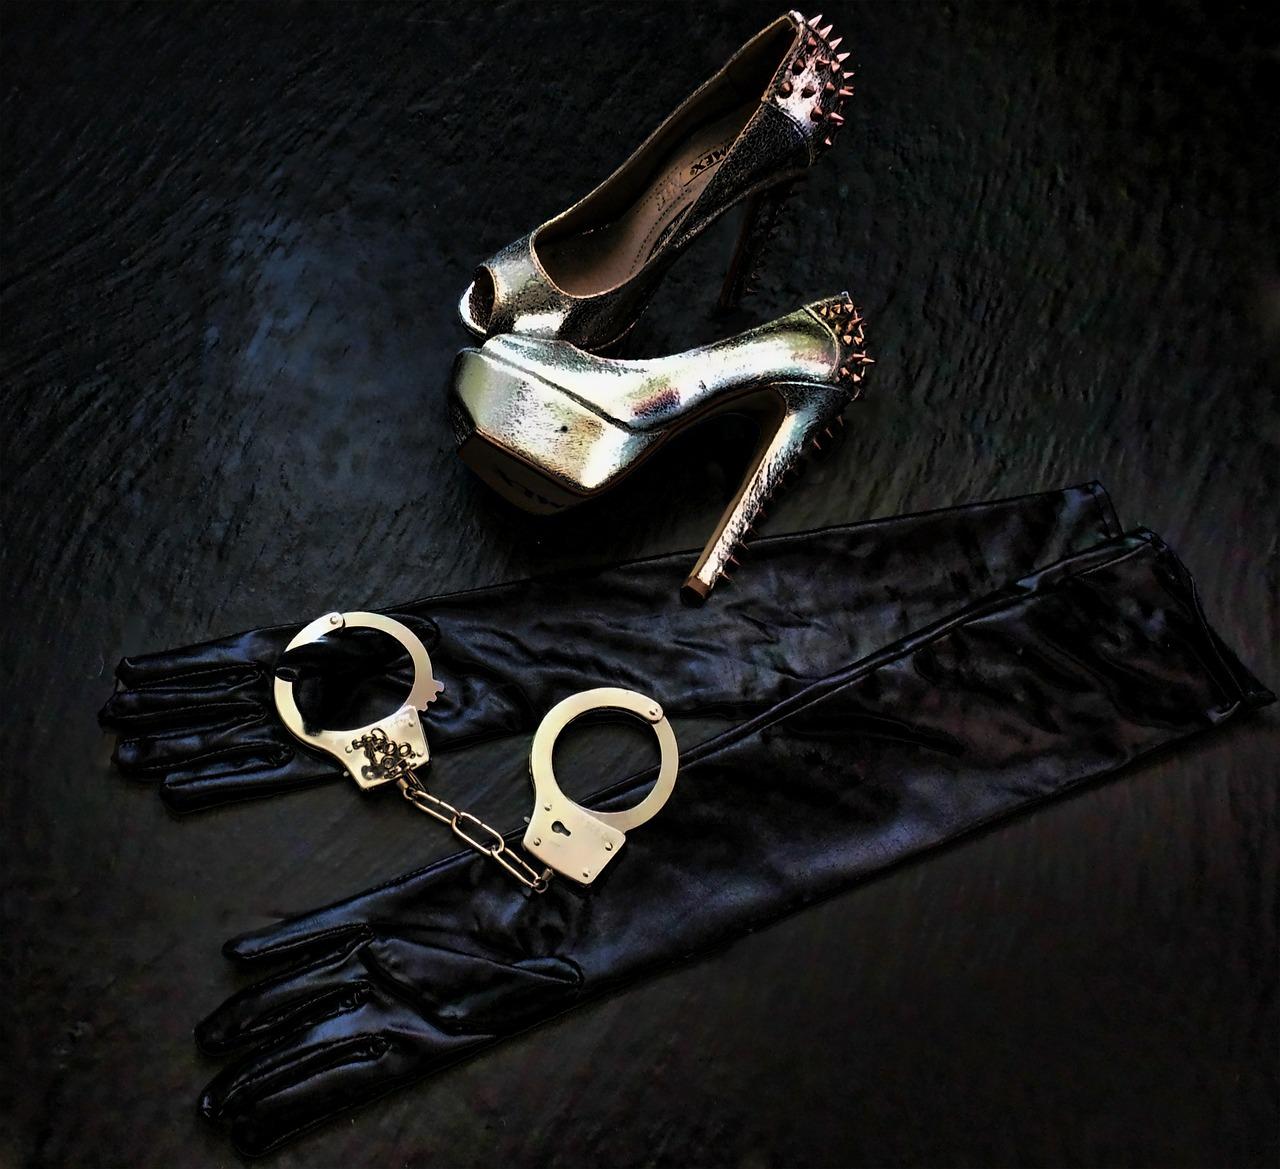 Toys wie Handschellen und Handschuhe für Escort Hamburg Damen